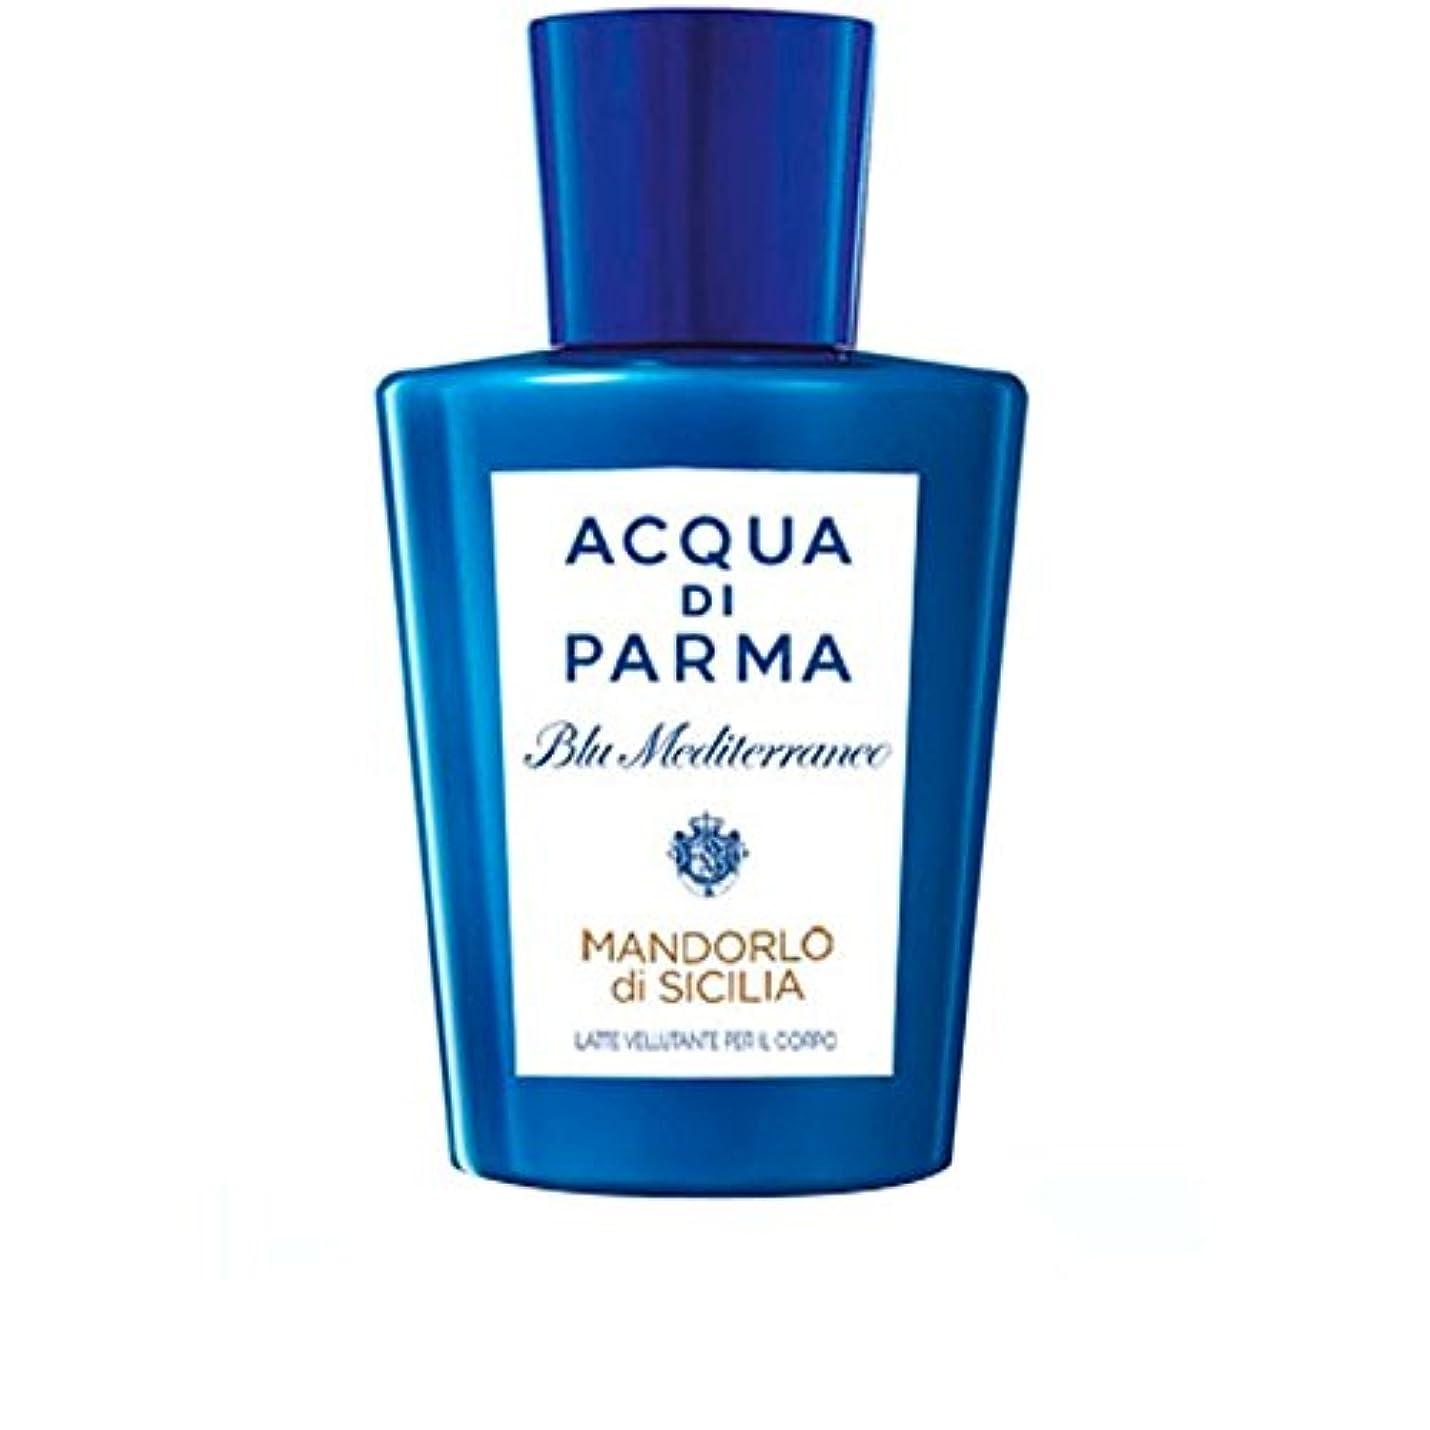 マージ包囲定期的Acqua Di Parma Mandorlo Di Sicilia Pampering Body Lotion 200ml (Pack of 6) - アクアディパルママンドルロ?ディ?シチリア至福のボディローション200 x6 [並行輸入品]